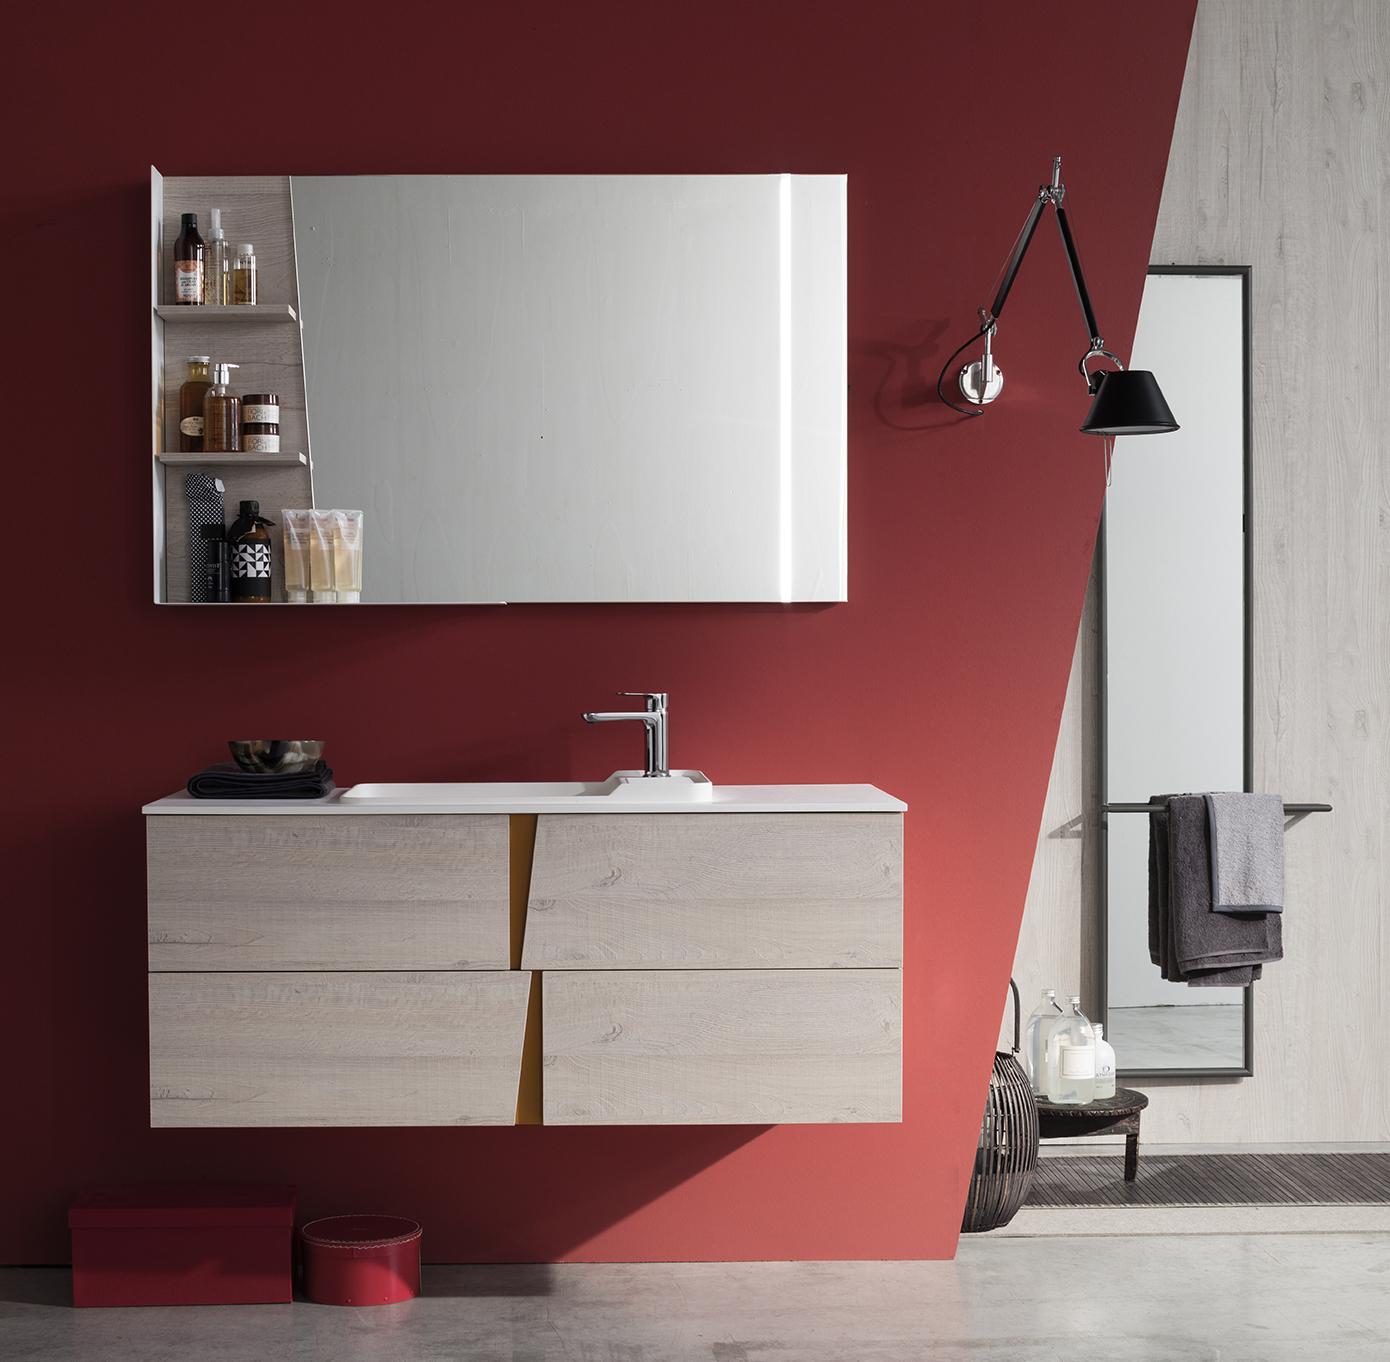 Muebles de dise o para el ba o azulejos pe a for Catalogo de accesorios para bano